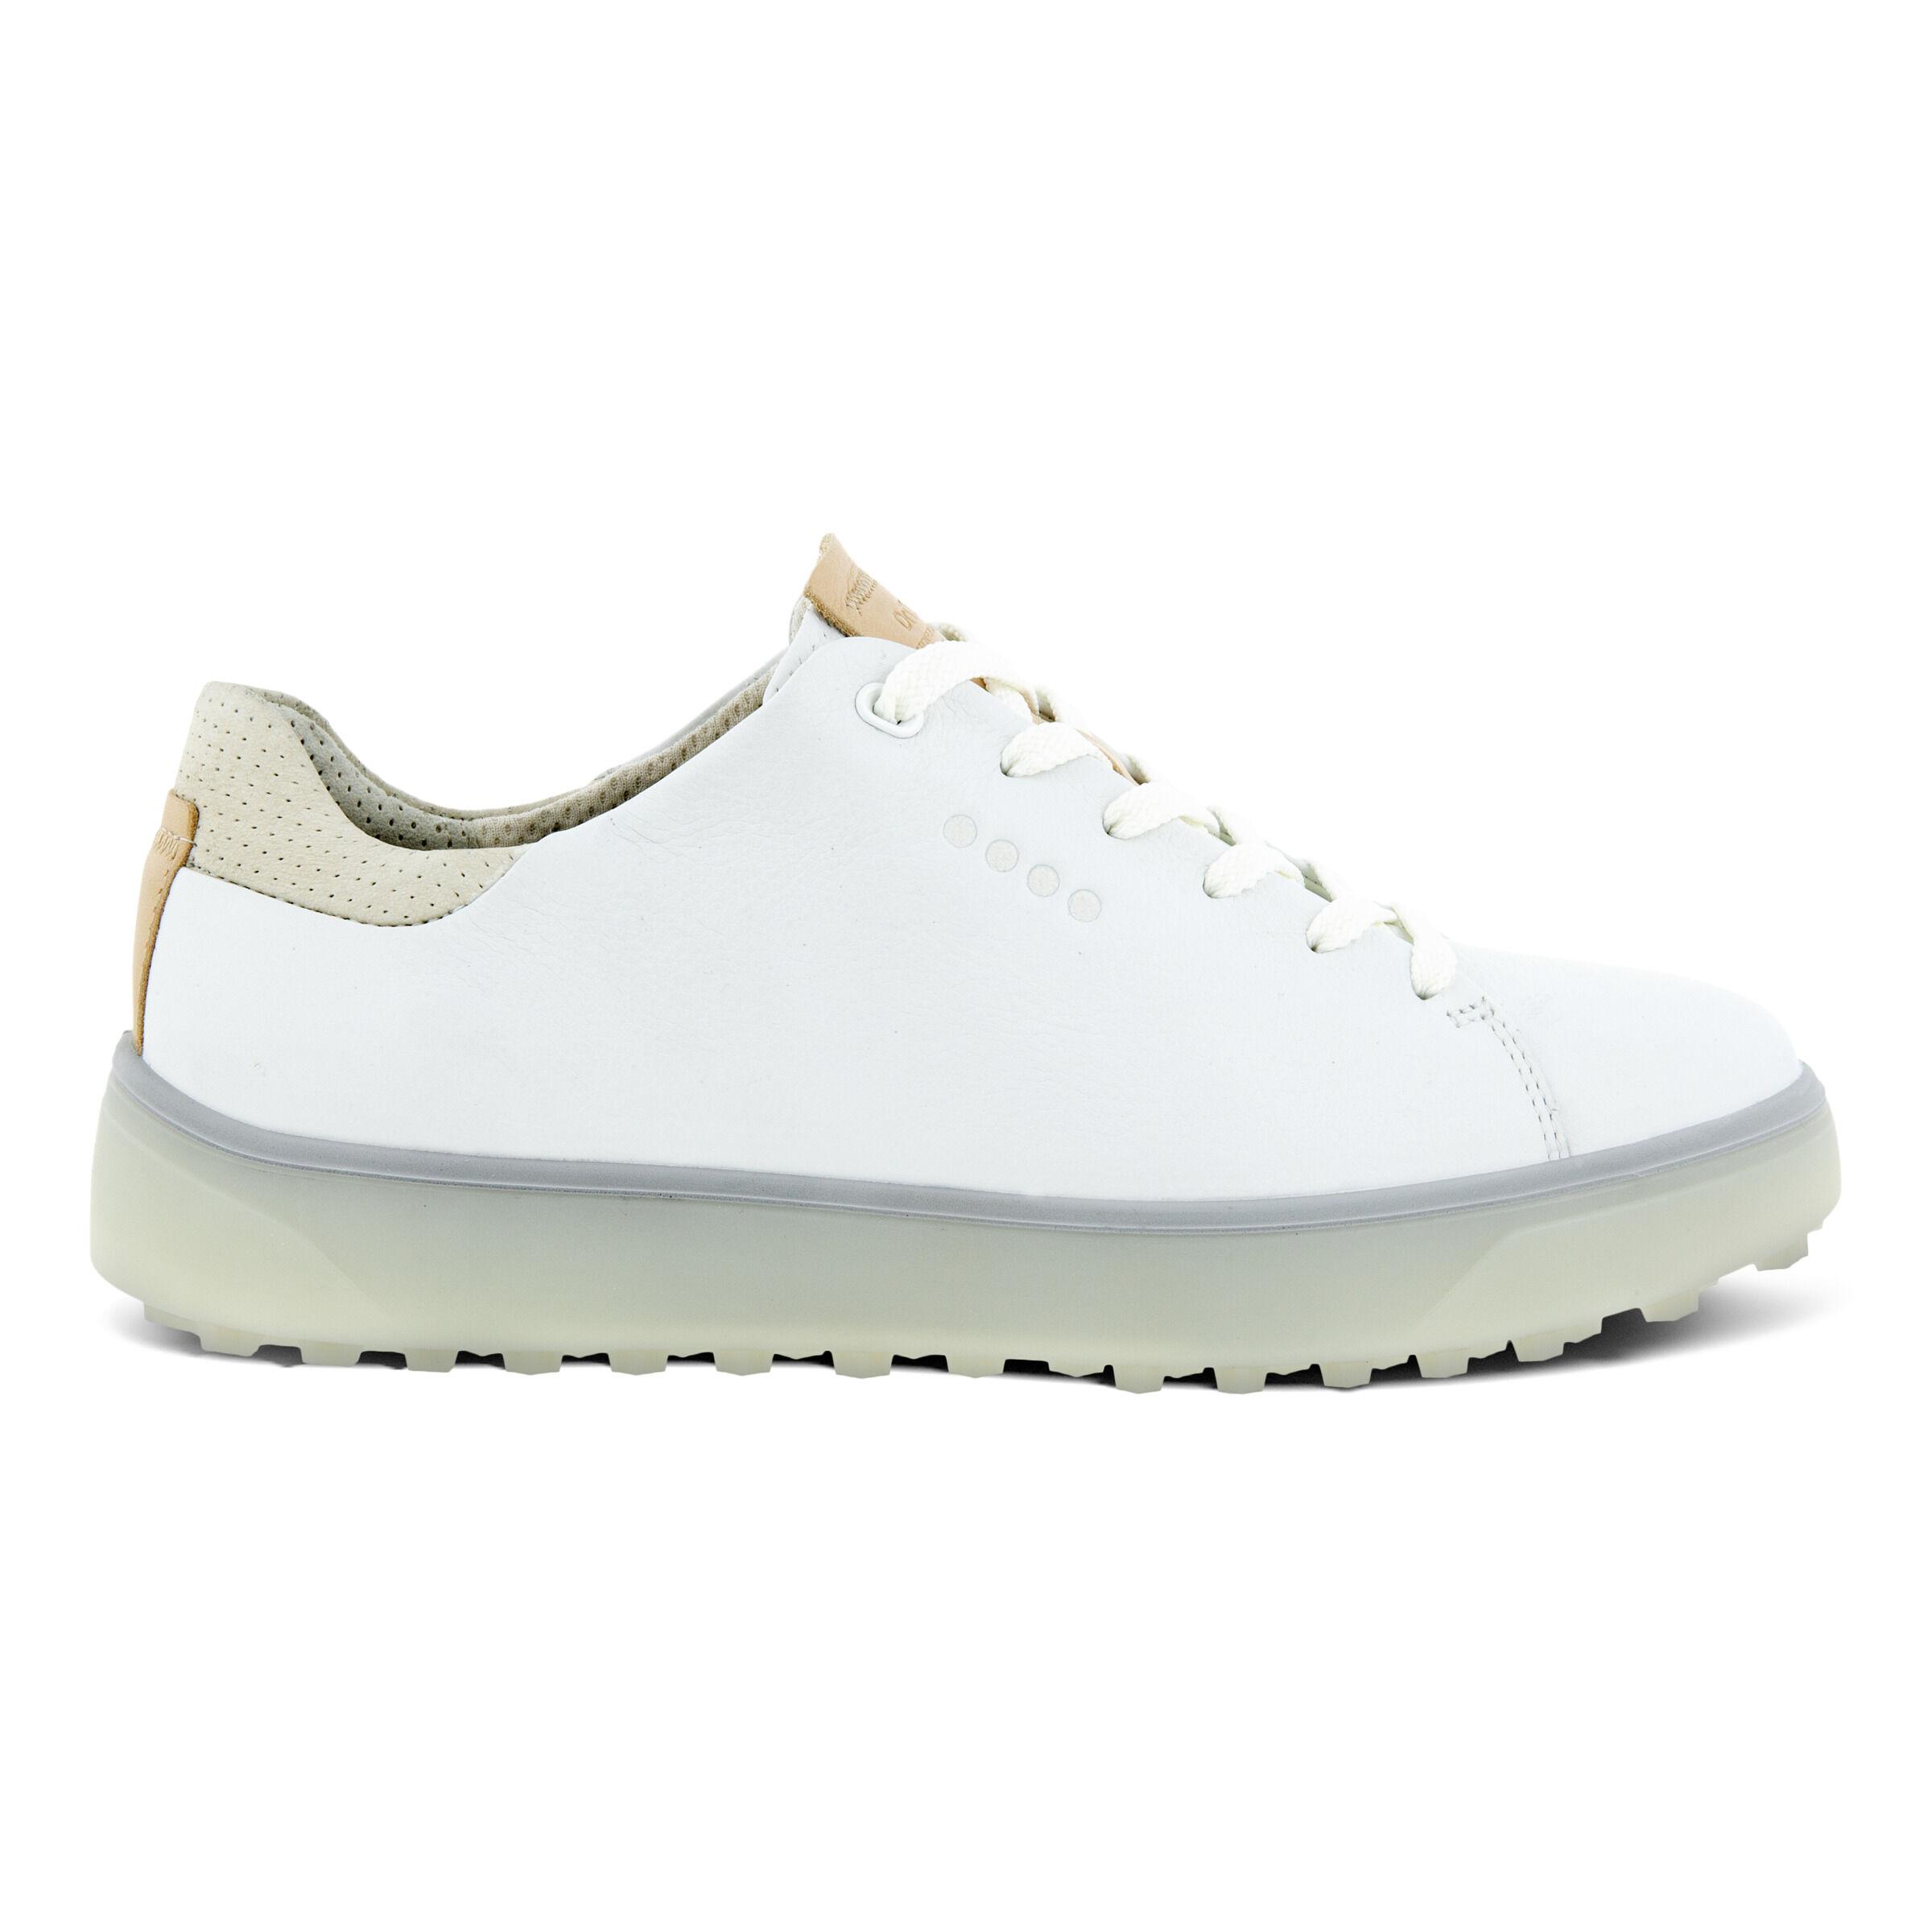 에코 우먼 골프화 ECCO Womens GOLF TRAY Laced Shoes,BRIGHT WHITE